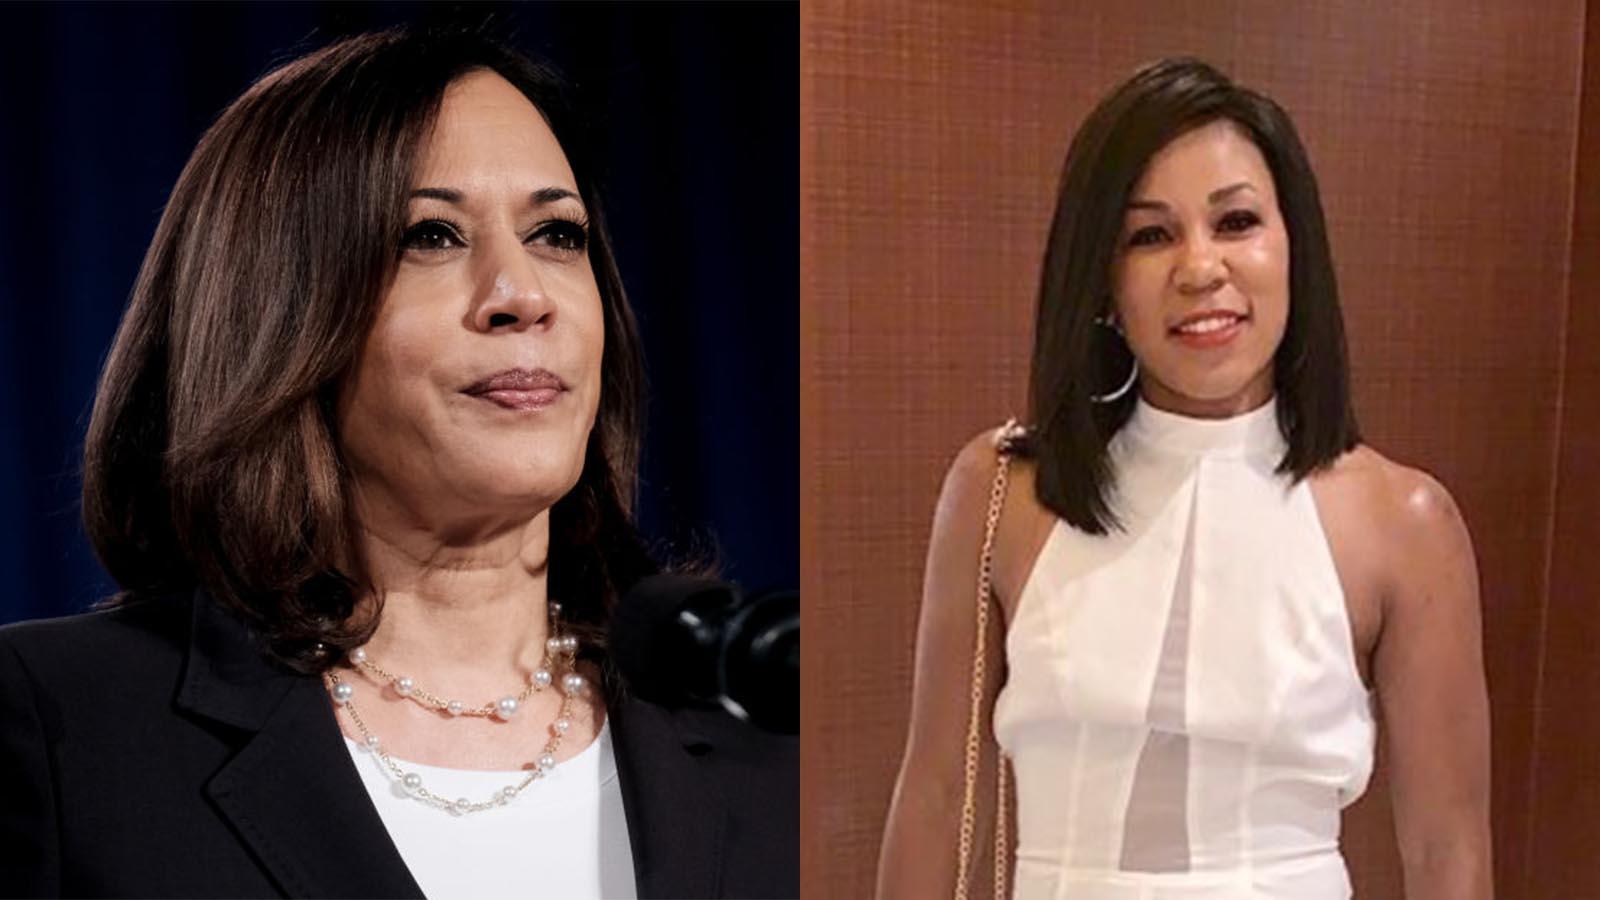 Woman Will Have Multiple Plastic Surgeries To Look Like Kamala Harris Texas Surgeon Says